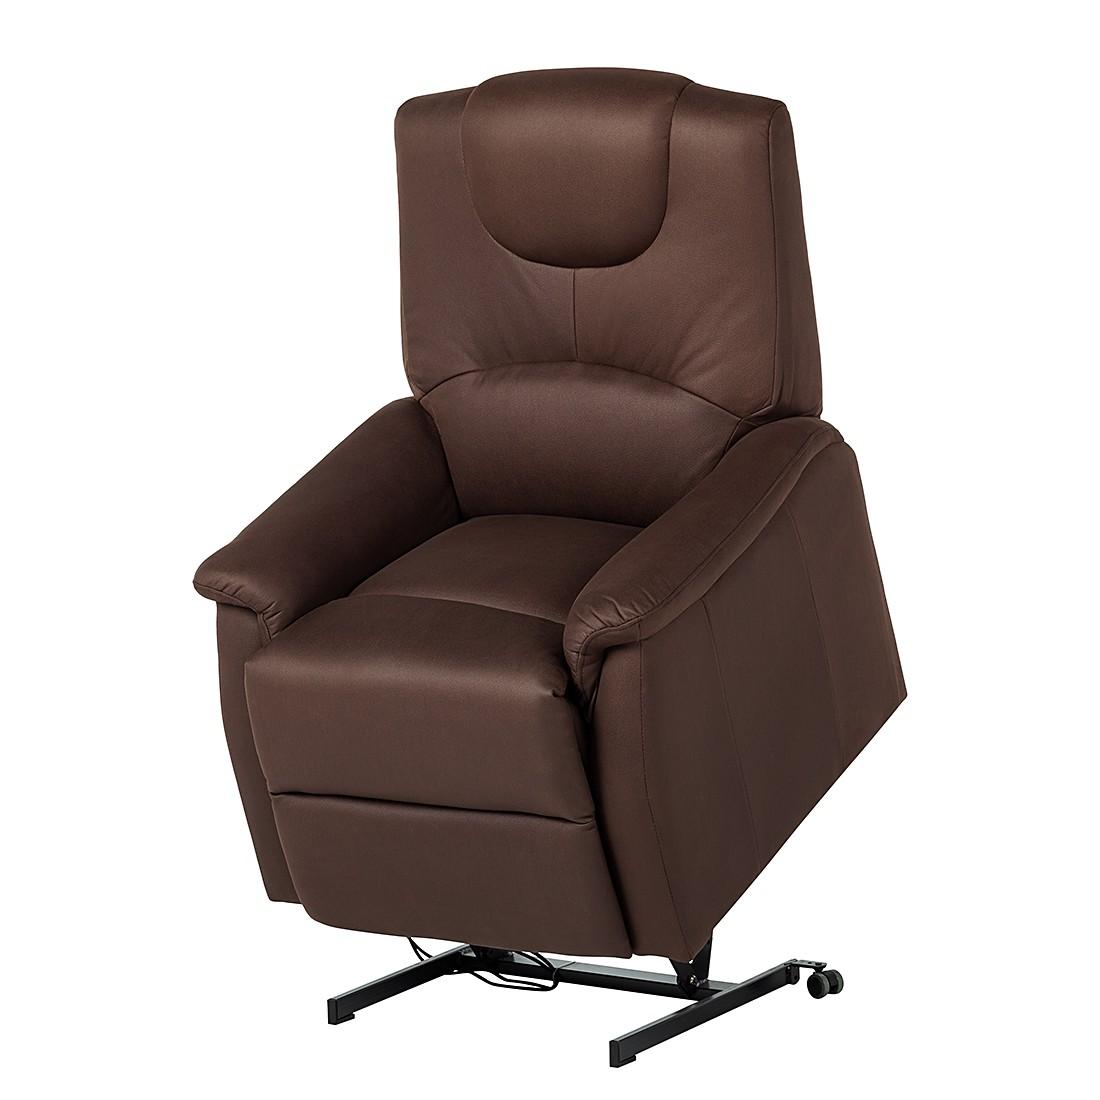 14 sparen fernsehsessel nick mit aufstehfunktion nur 299 99 cherry m bel home24. Black Bedroom Furniture Sets. Home Design Ideas